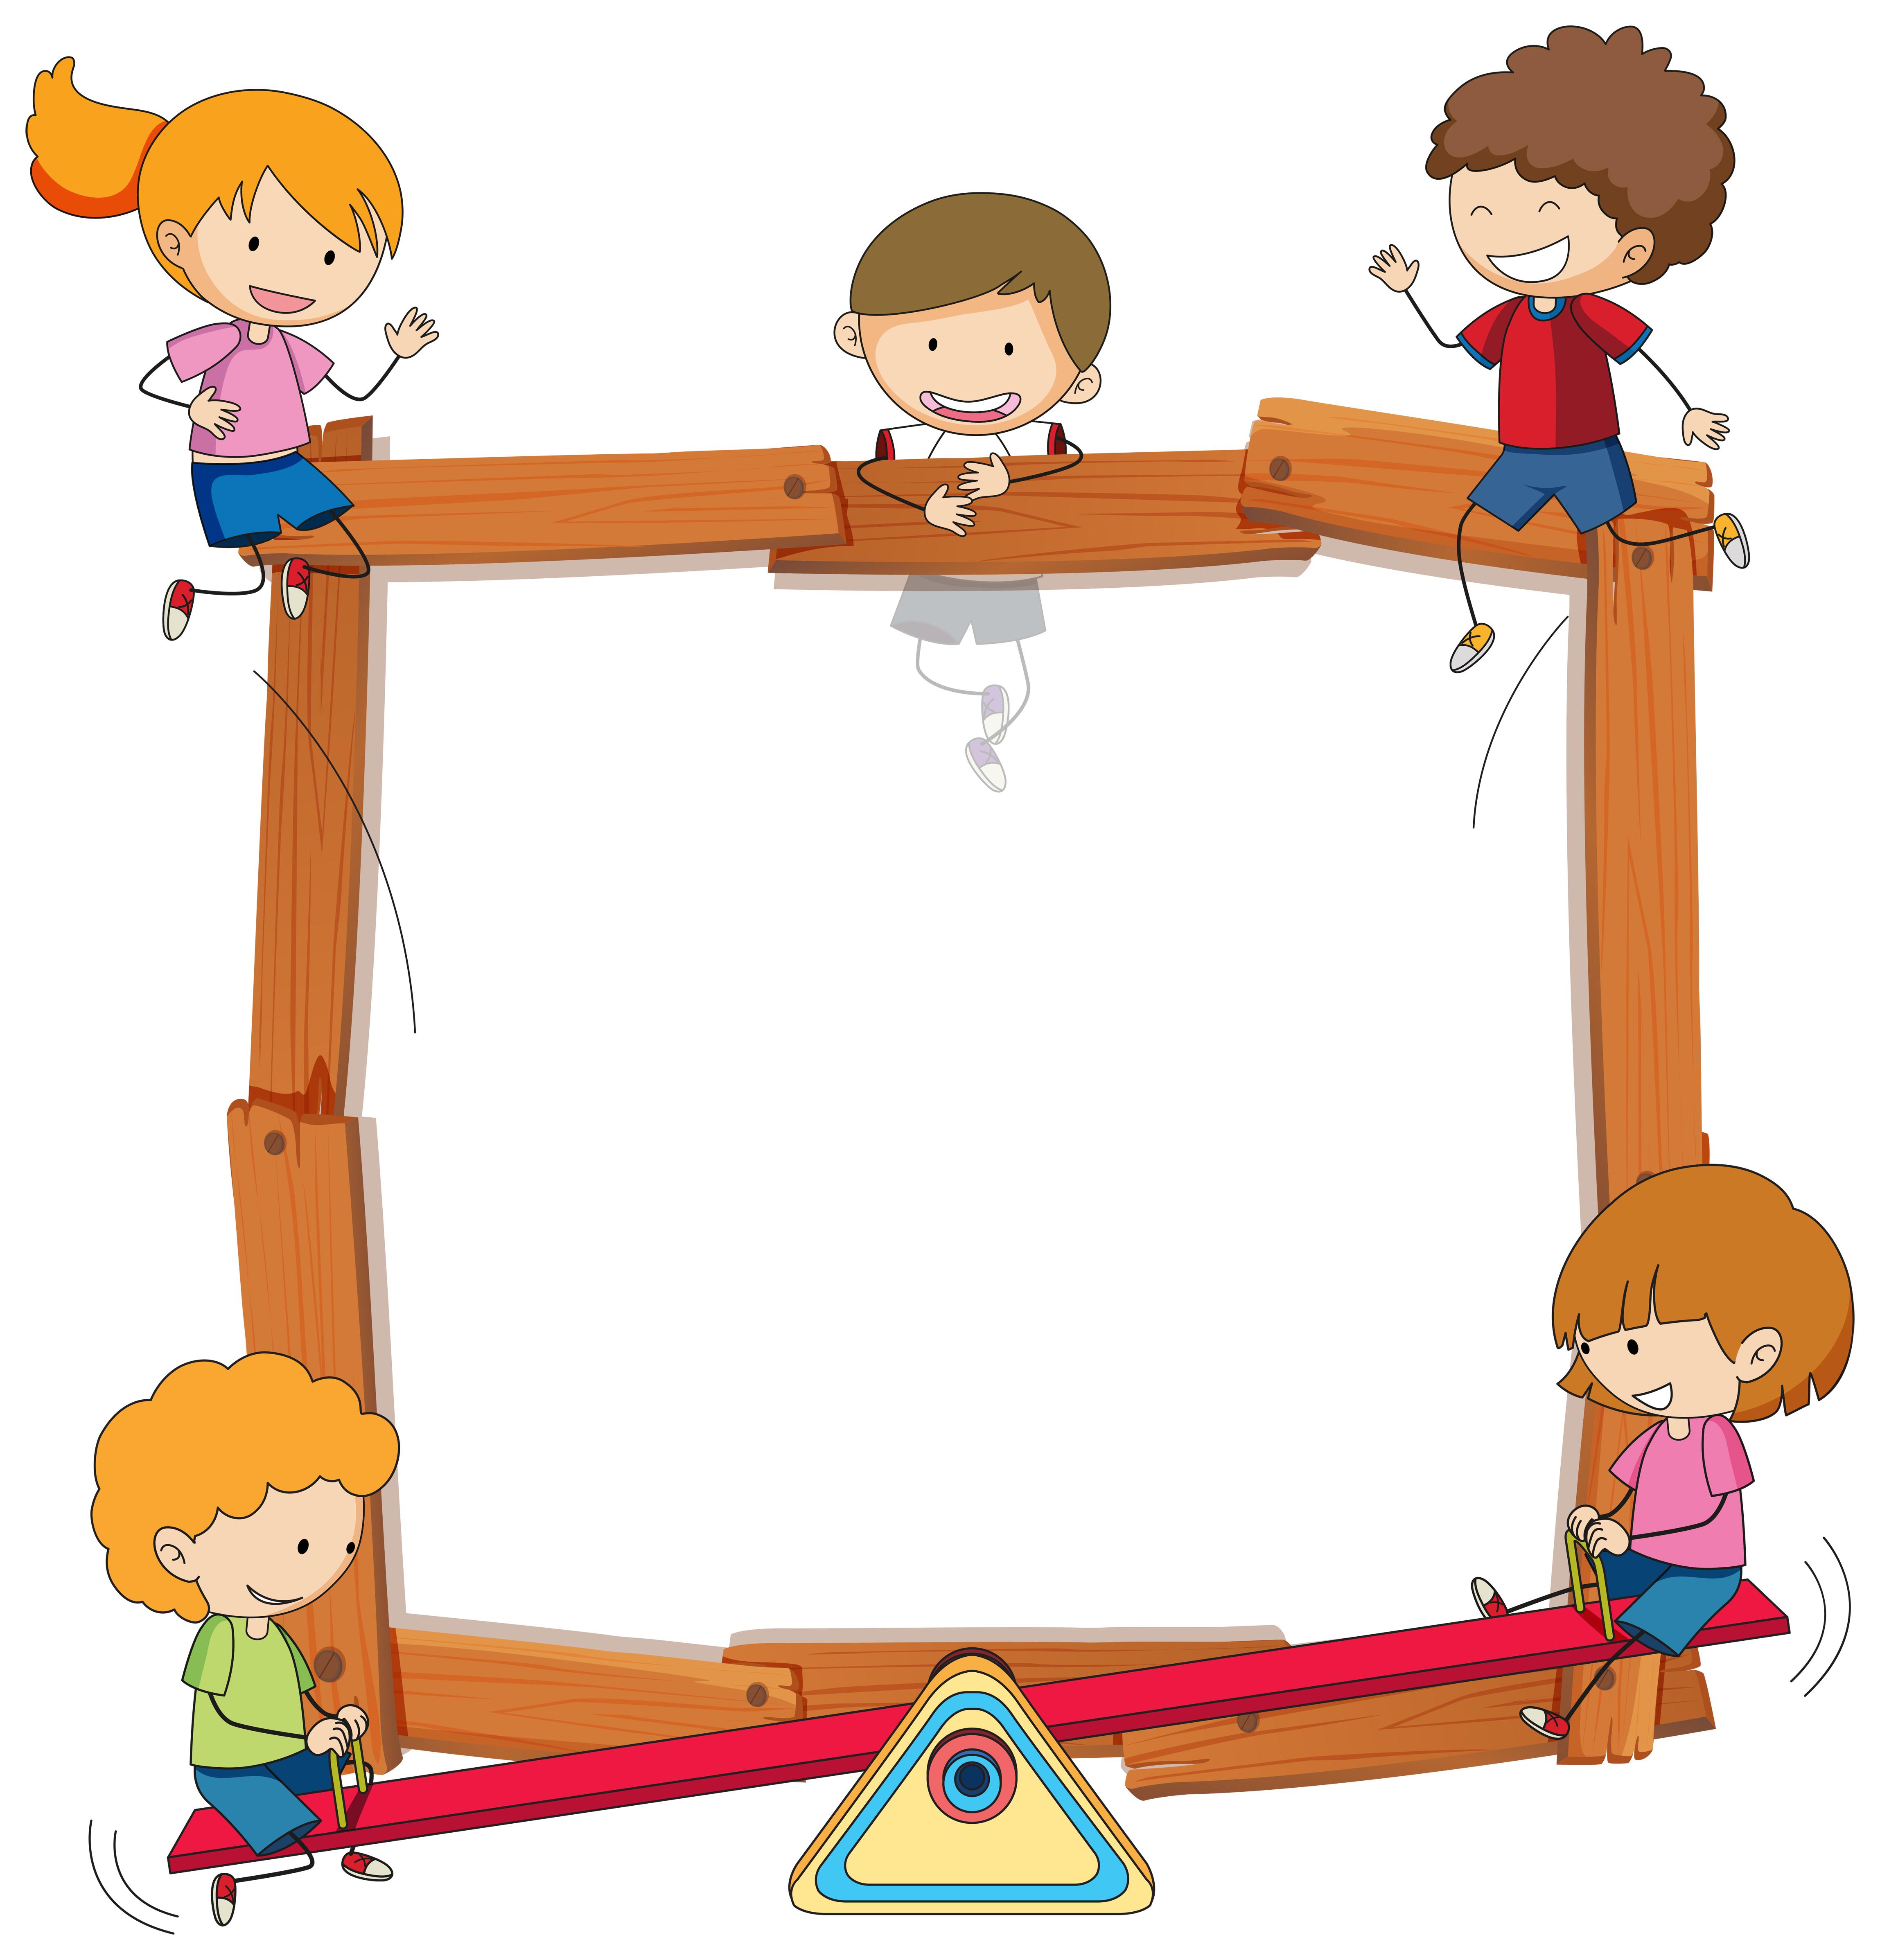 Doodle kids on wooden frame - Download Free Vectors ...